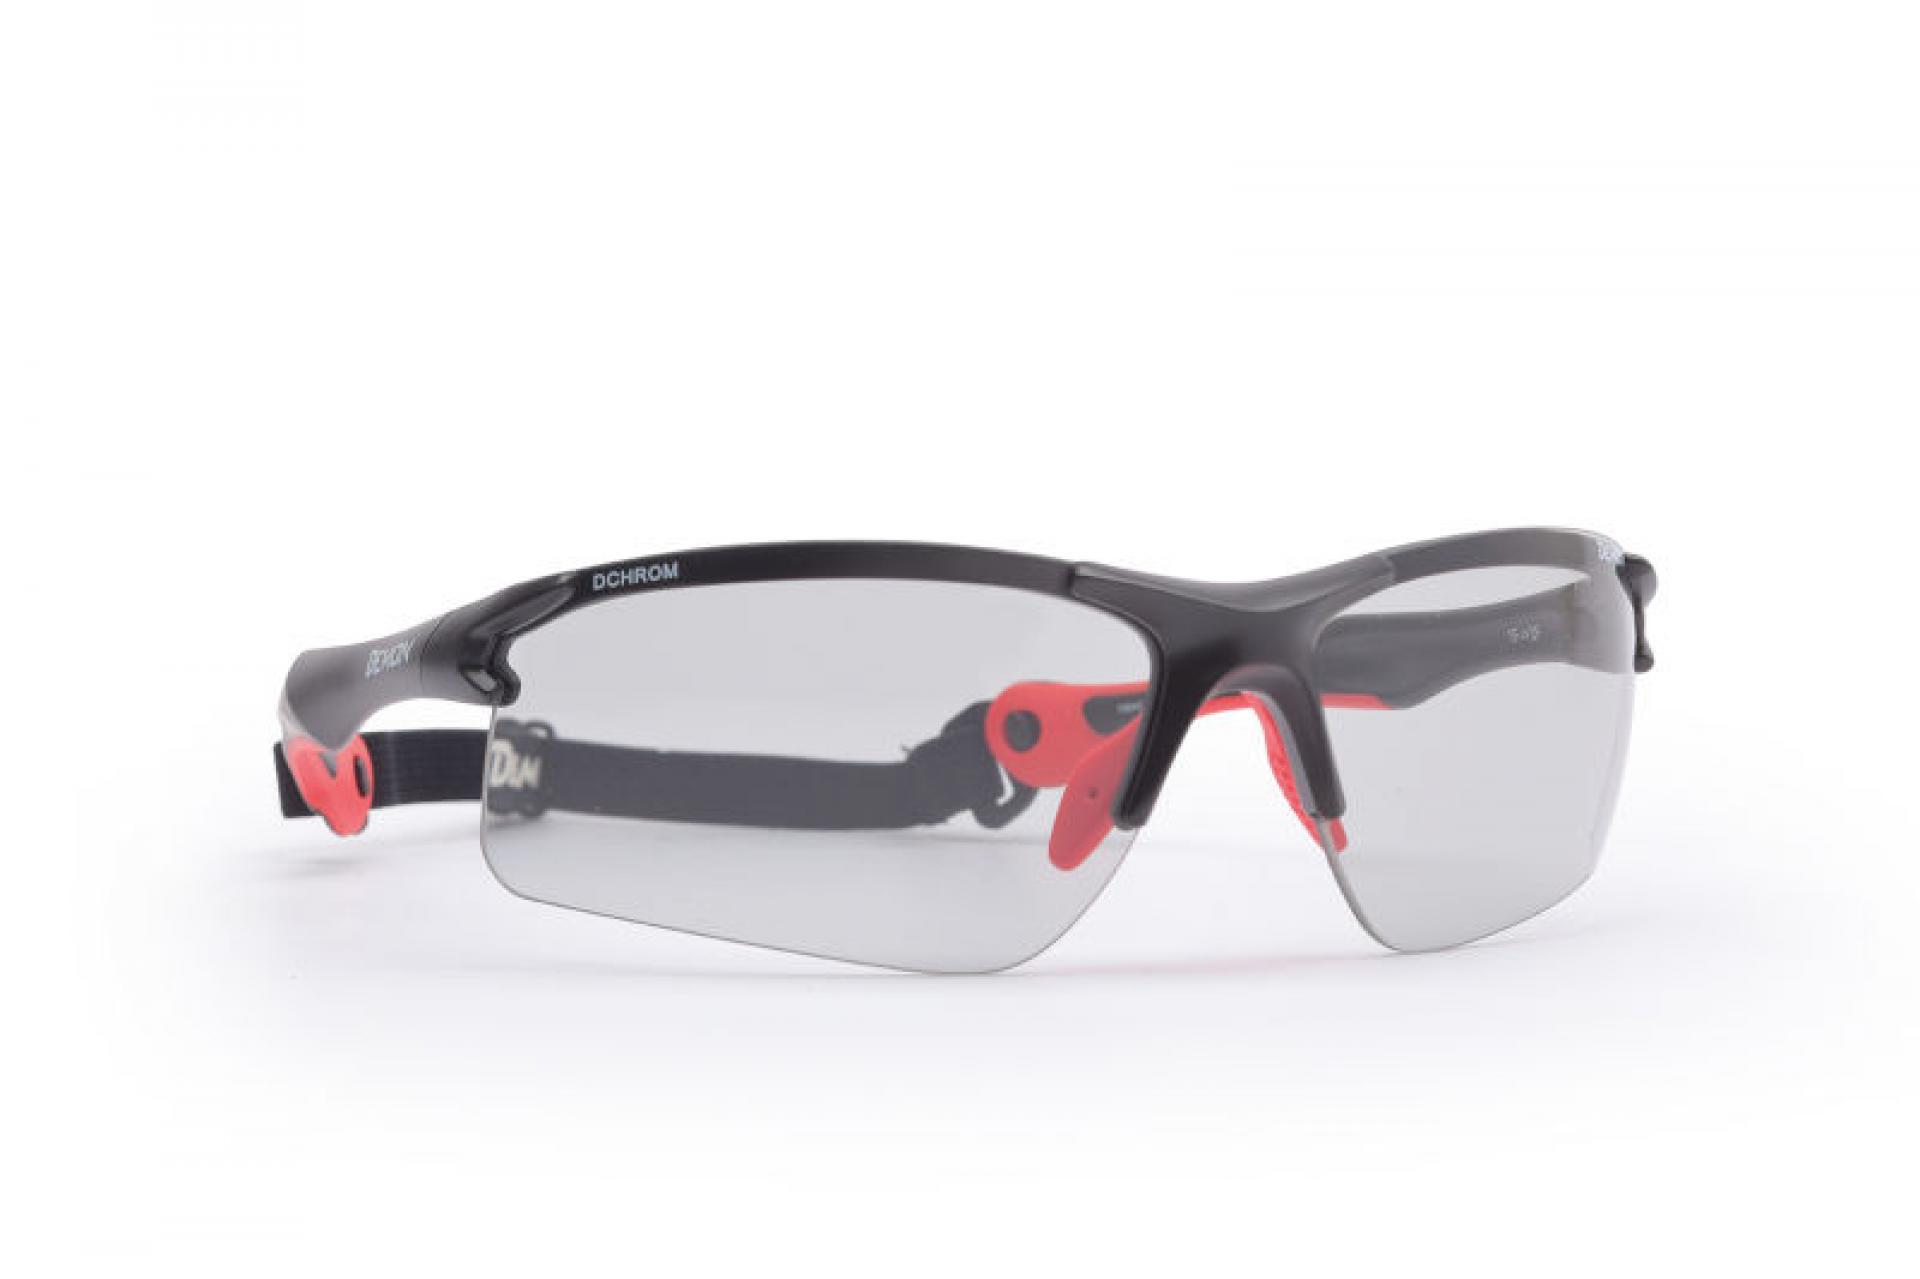 Demon Trail DCHROM - Løbe- og cykelbrille med fotokromiske linser - Sort/rød   Glasses